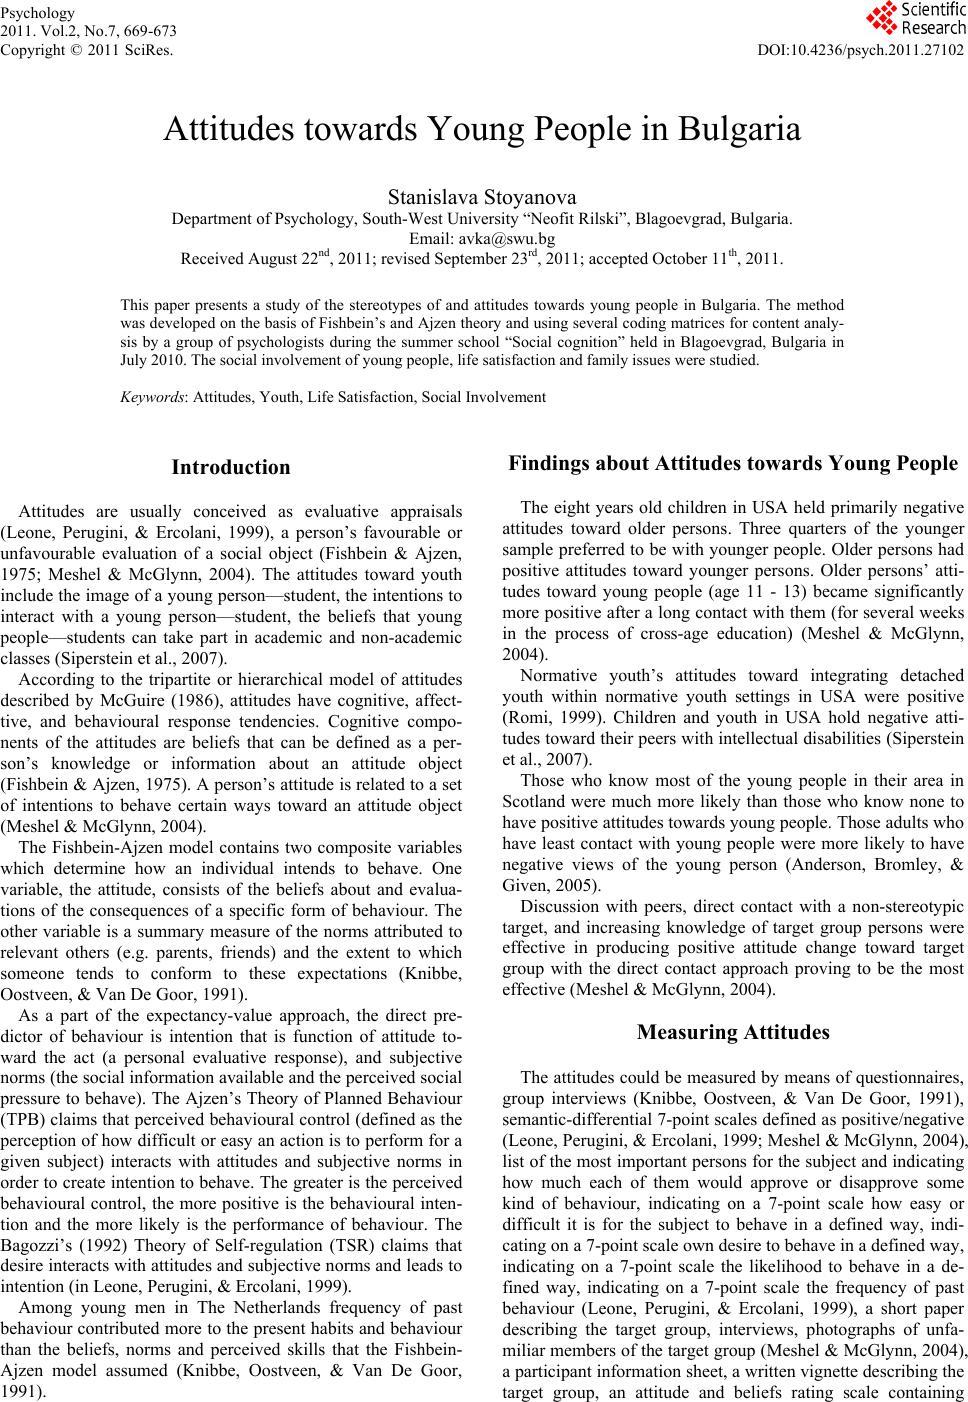 buy теоретическая физика в 10 томах том 09 статистическая физика часть 2 теория конденсированного